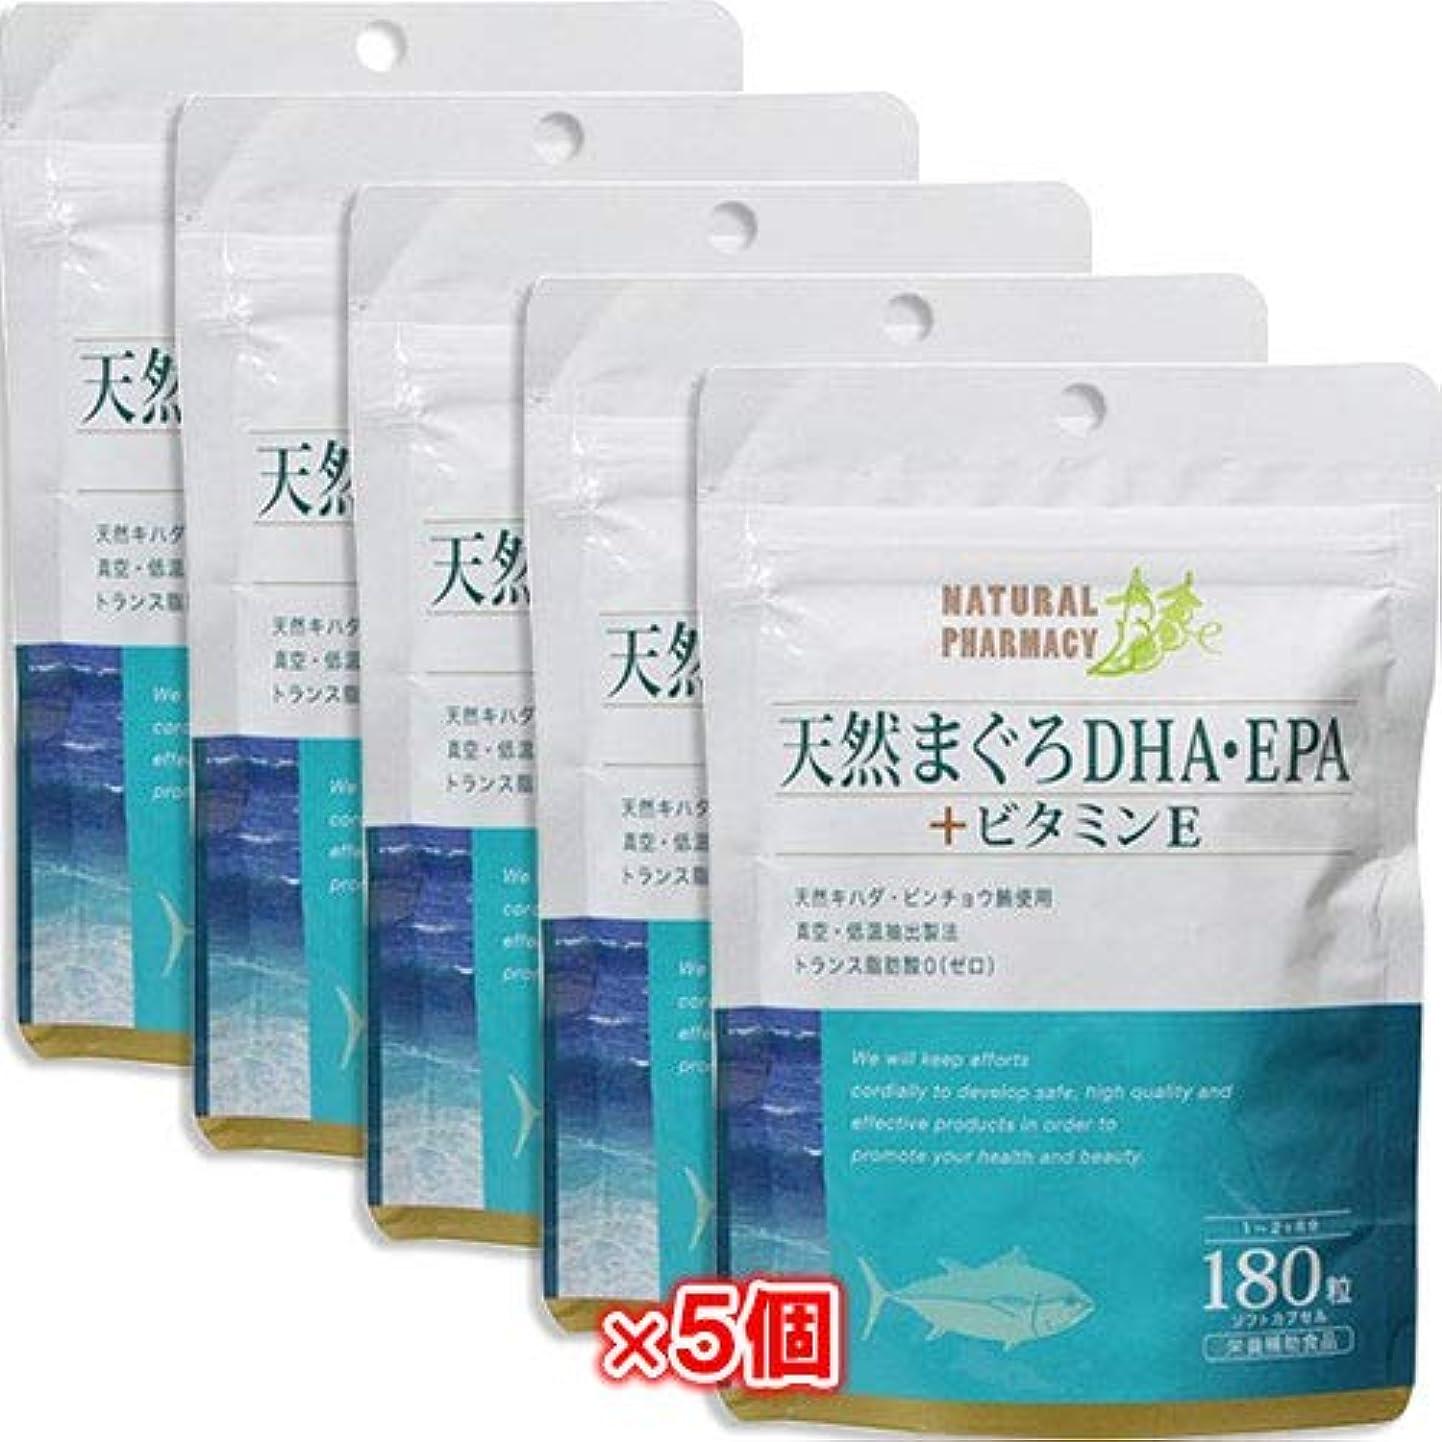 撤回する意識的機構天然まぐろDHA?EPA+ビタミンE 180粒 ×5個セット【すみや】